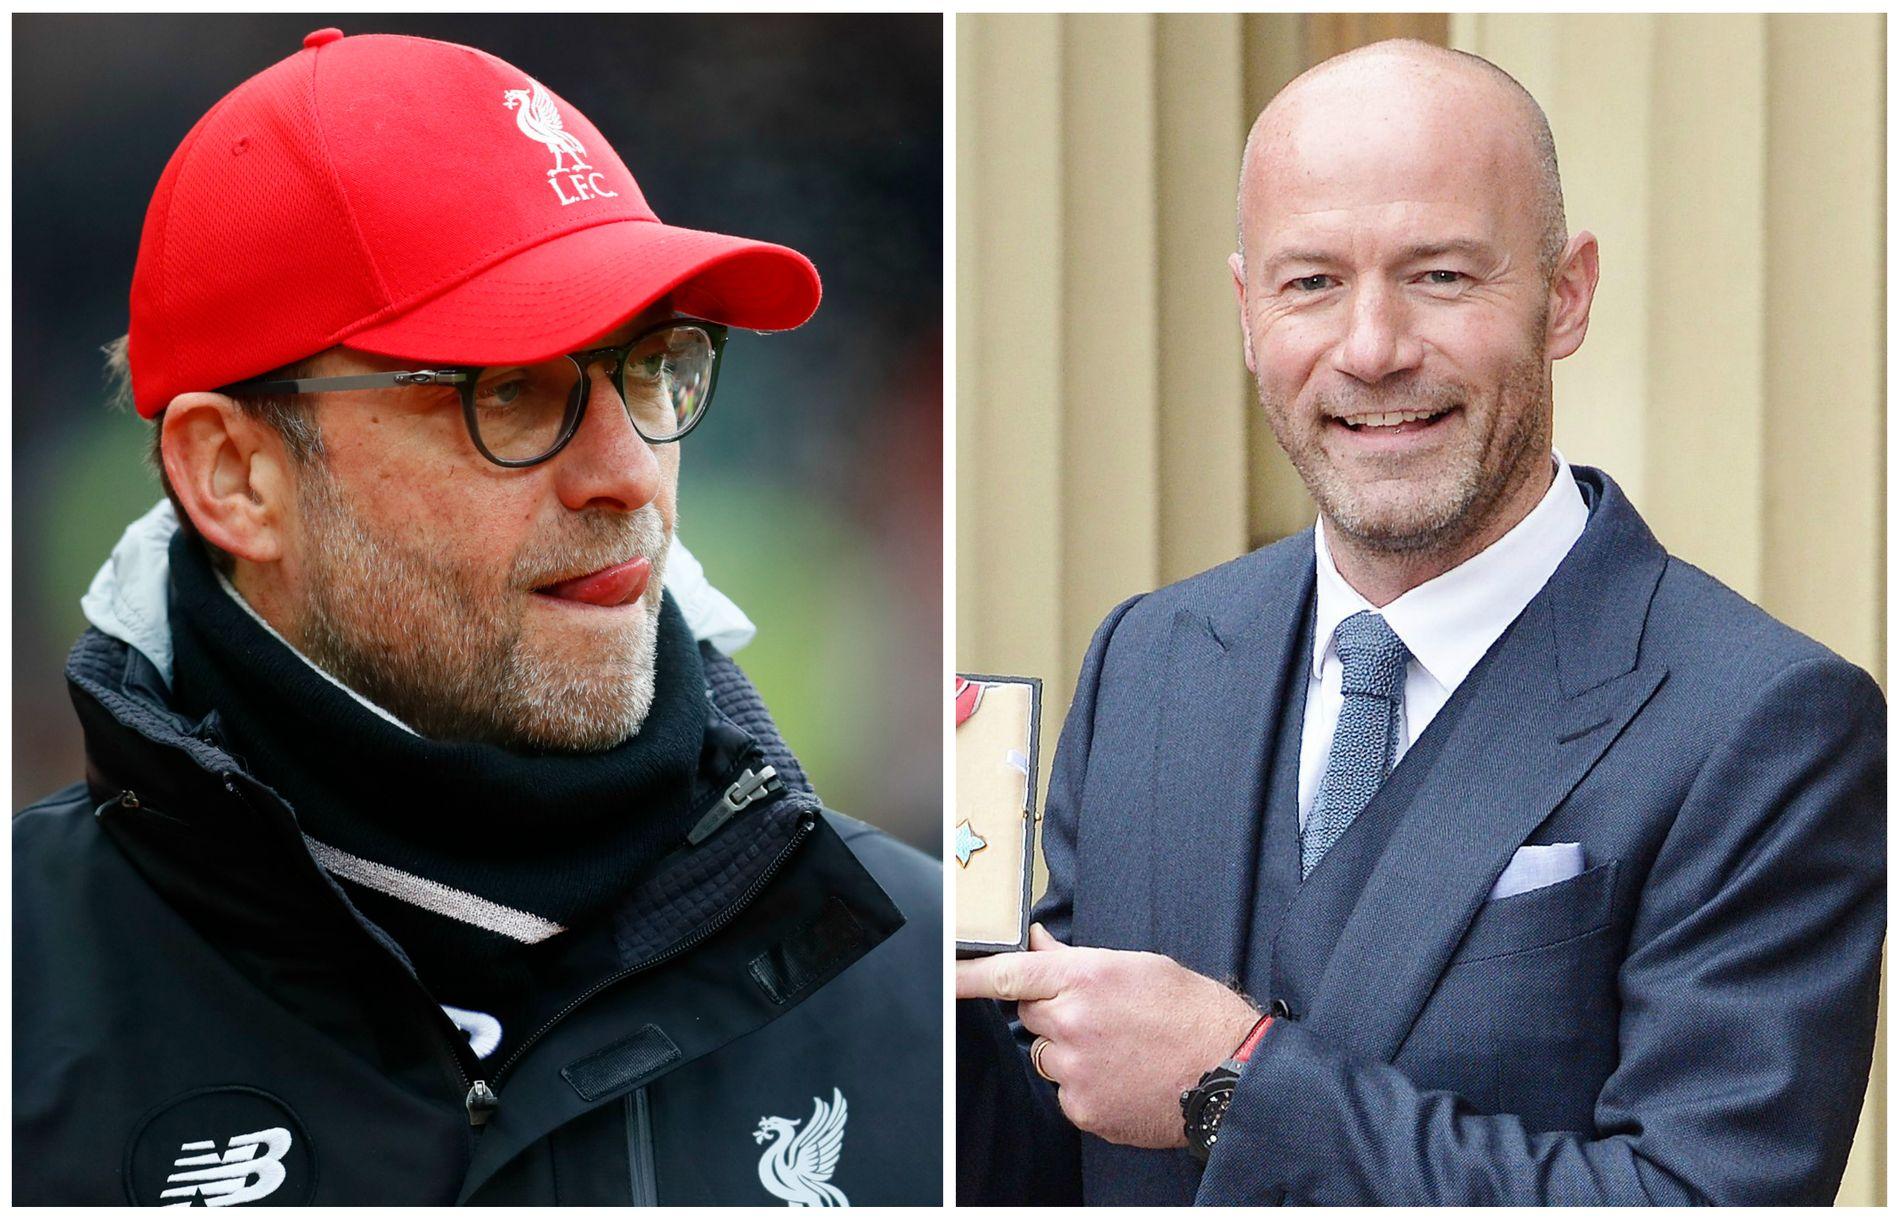 FÅR KRITIKK: Jürgen Klopp og flere andre Premier League-managere roterte kraftig på lagene sine i FA-cupen. Det får Alan Shearer (t.v.) til å reagere.